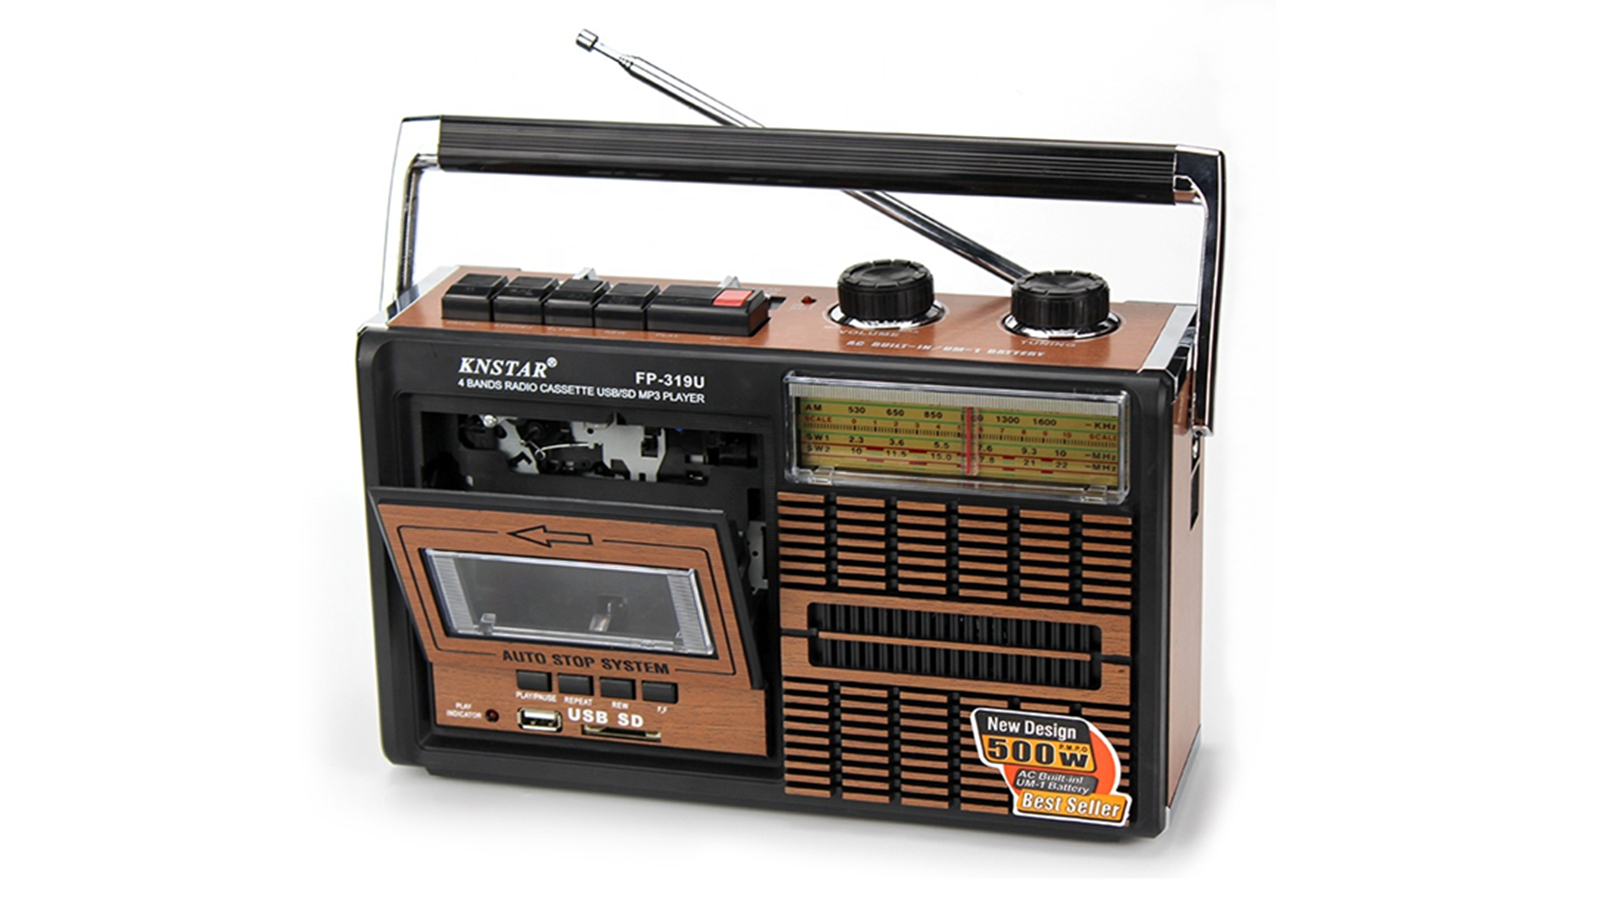 Hot Vendas Fp-319U Usb Sd Mp3 Jogador Retro Cassete Rádio Multibanda